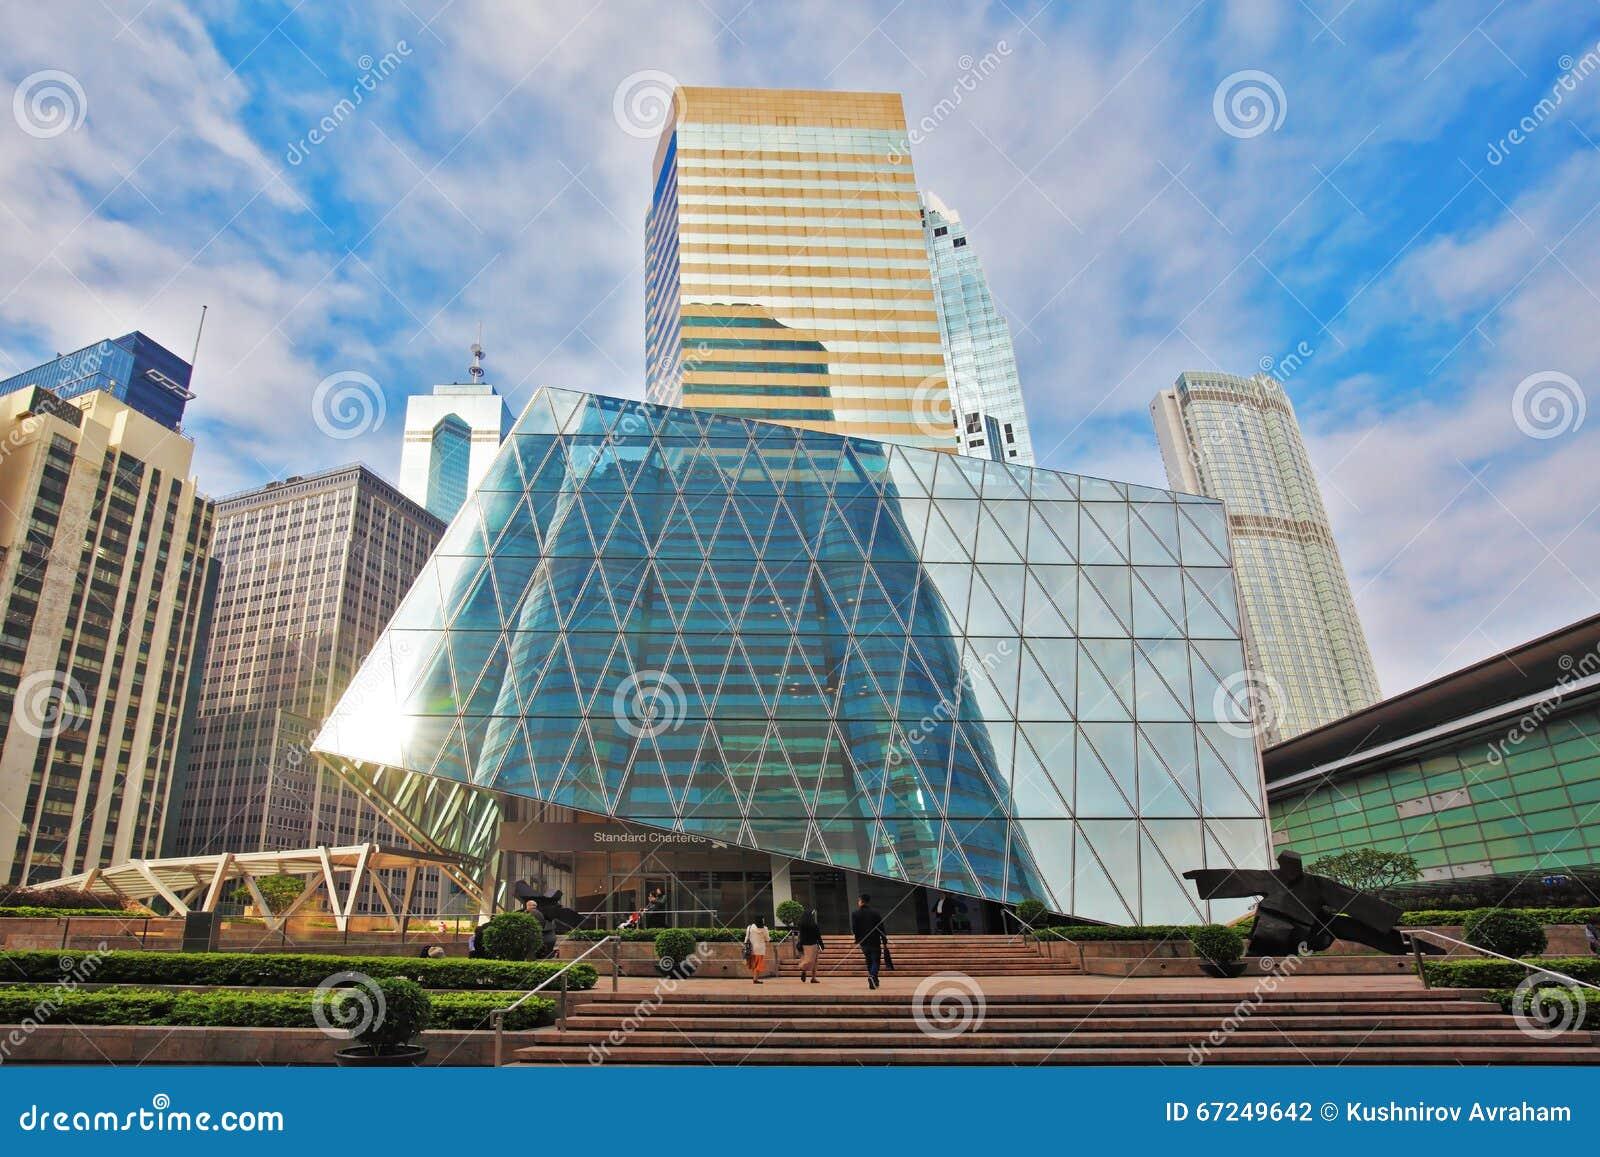 Hong Kong Special